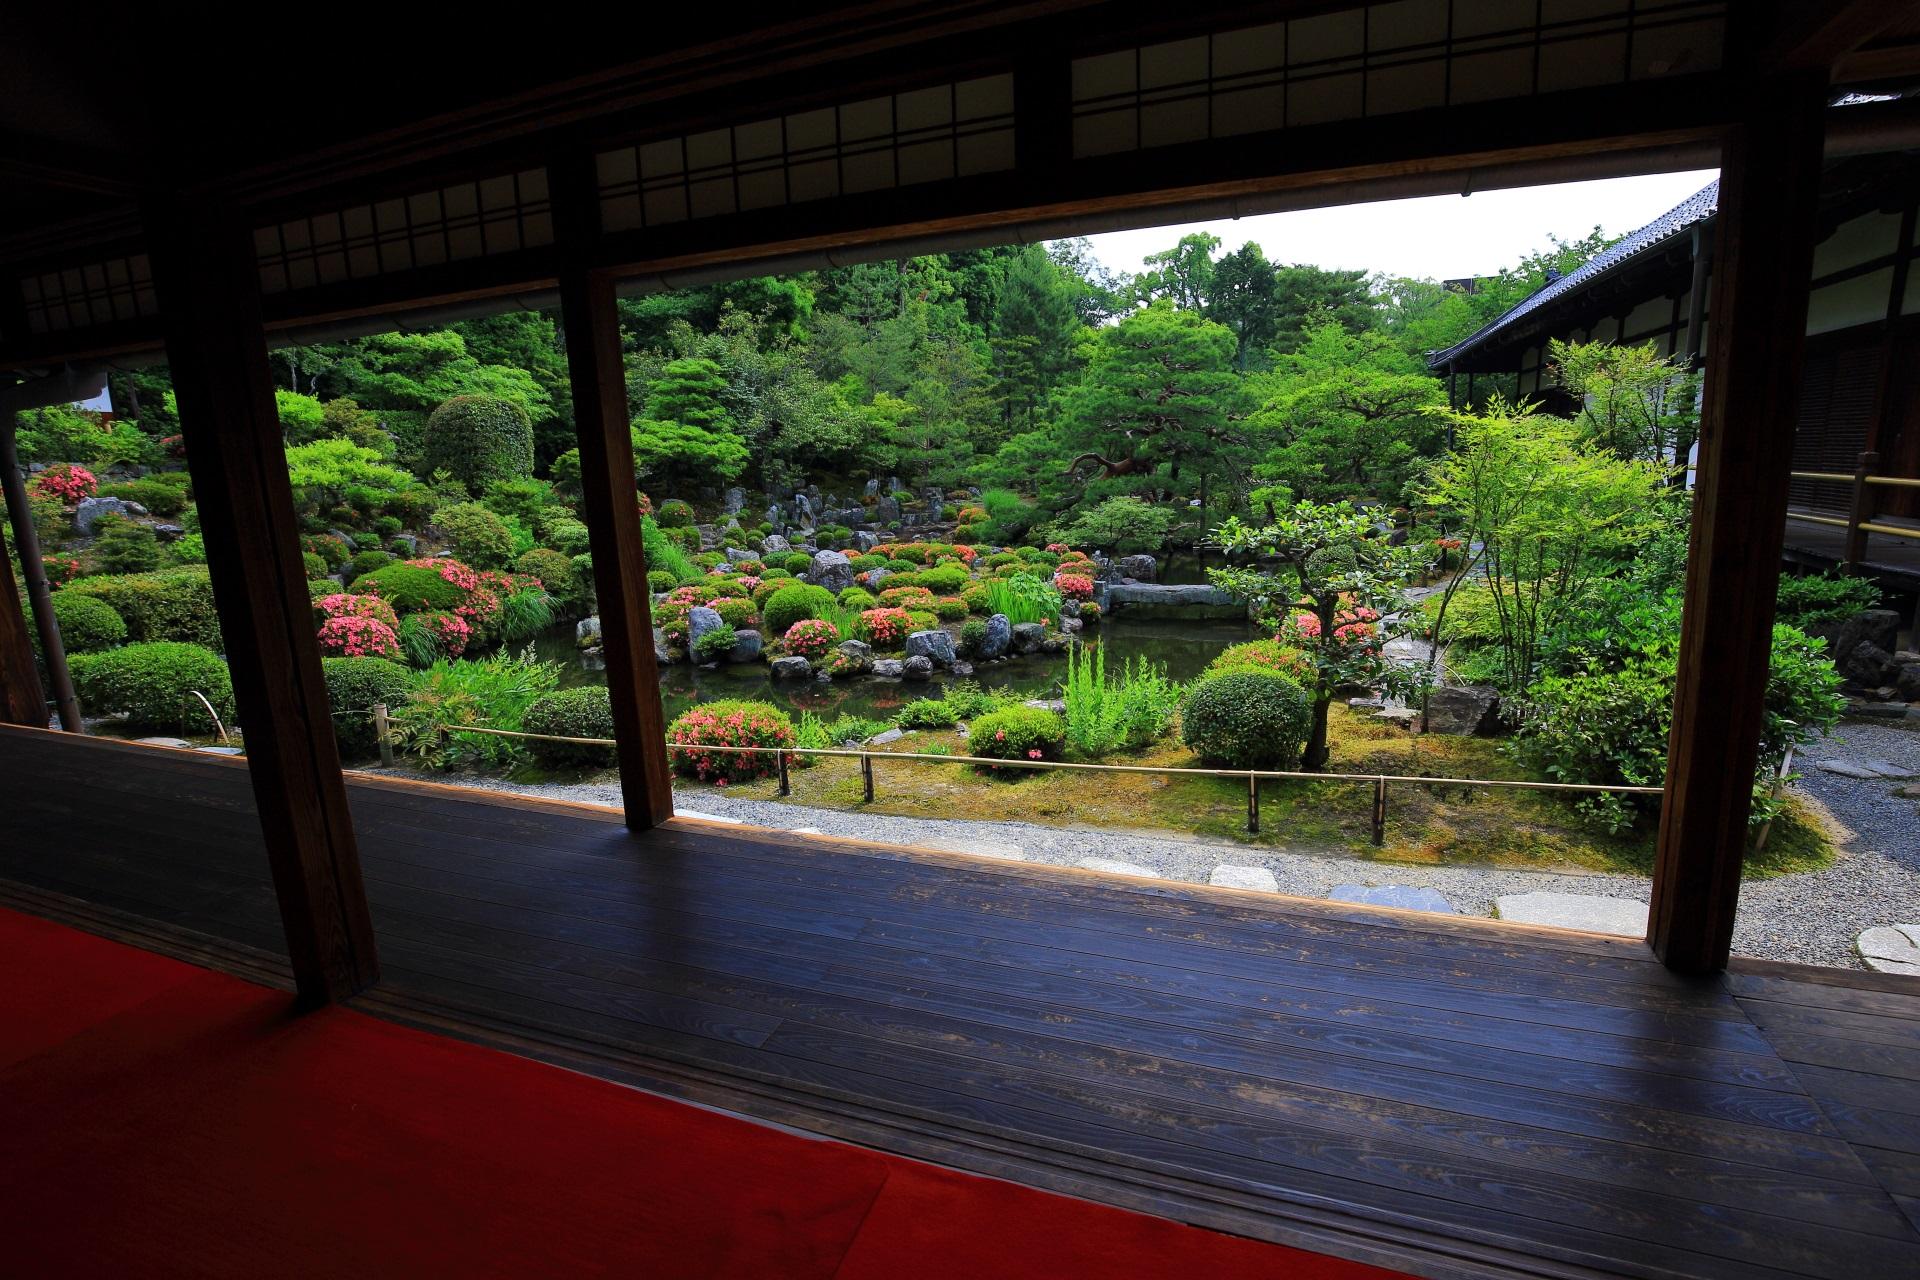 等持院の書院から眺めたサツキの芙蓉池